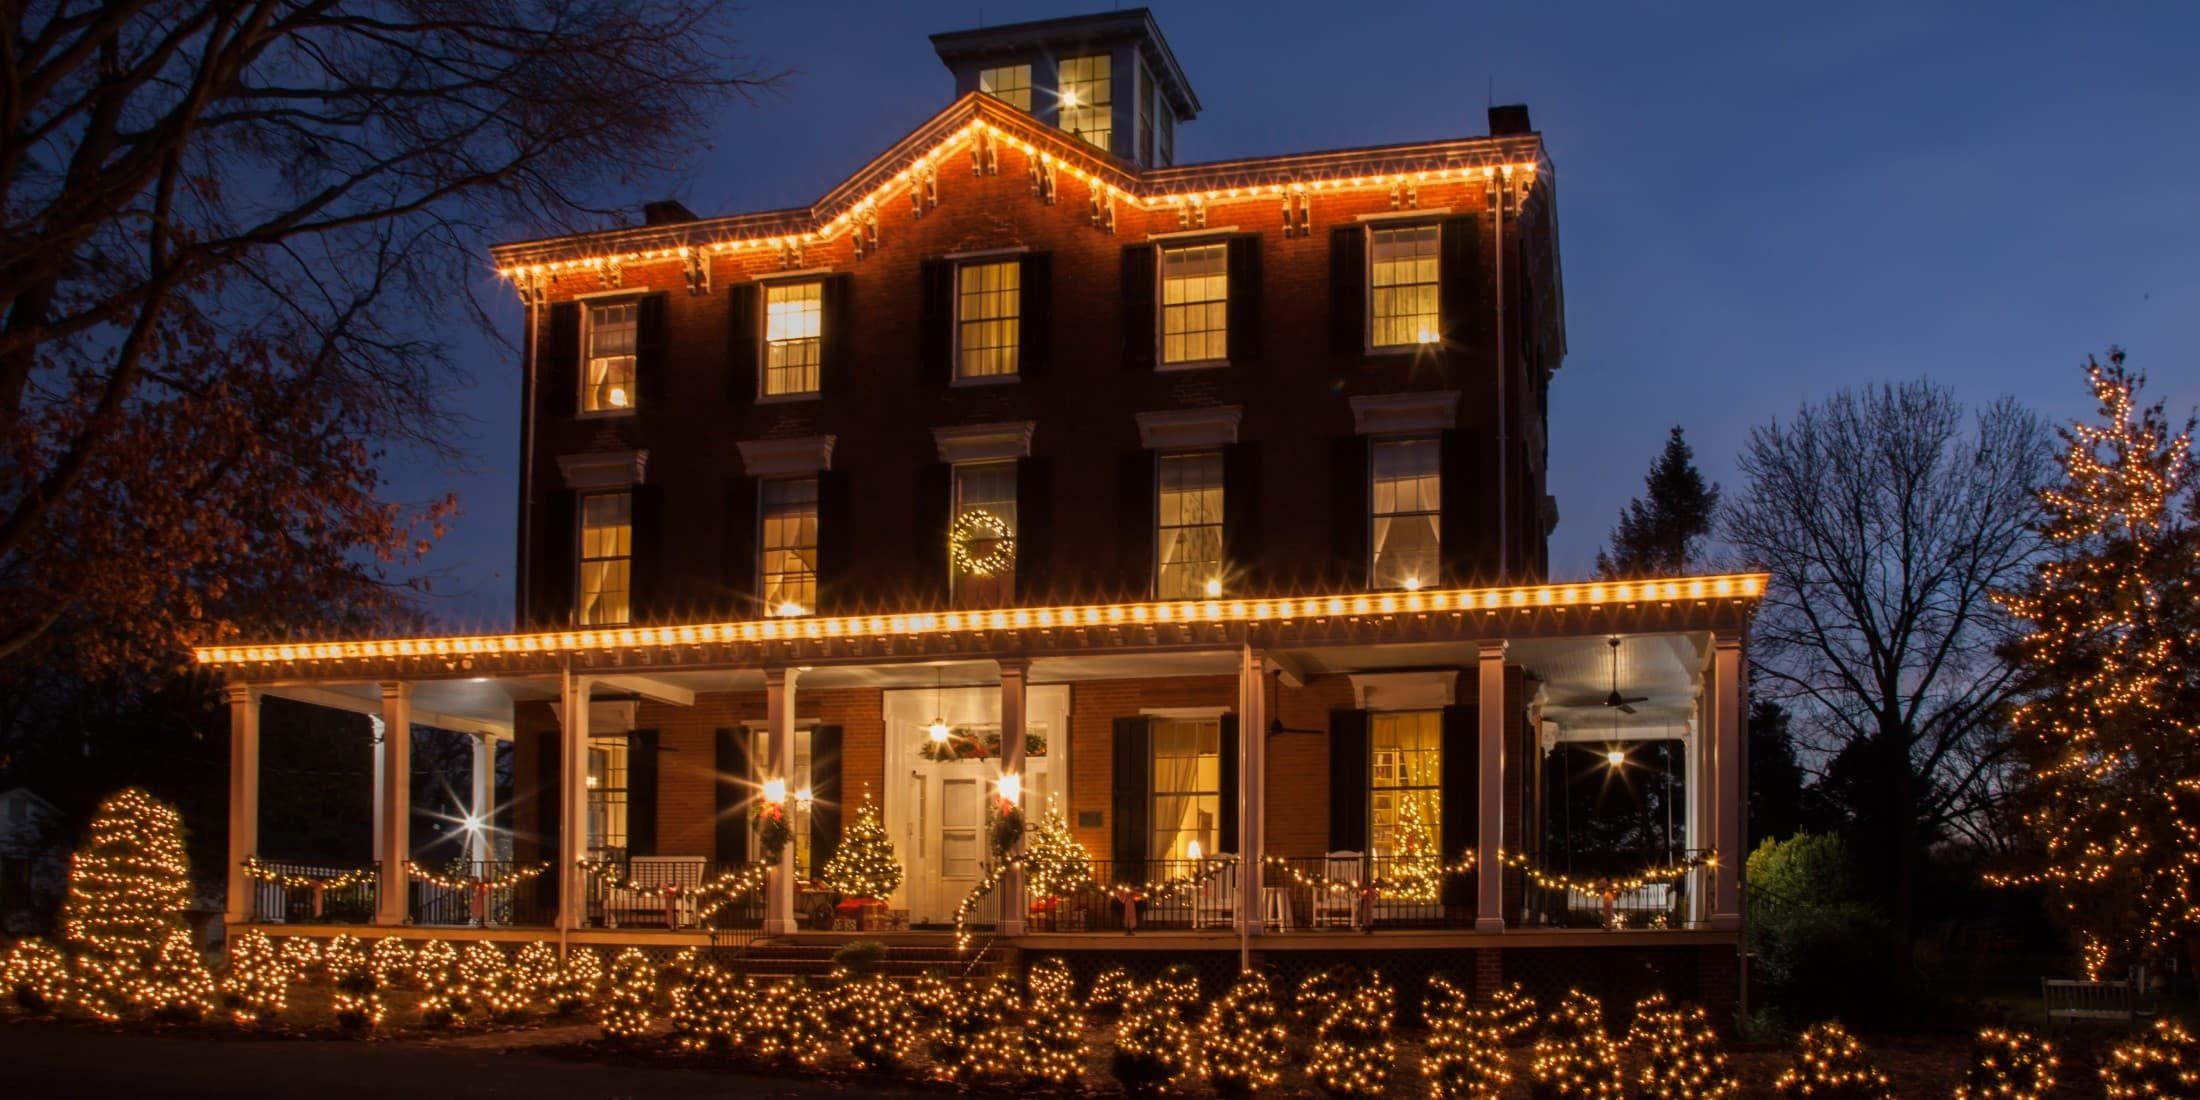 festive exterior of Brampton Inn